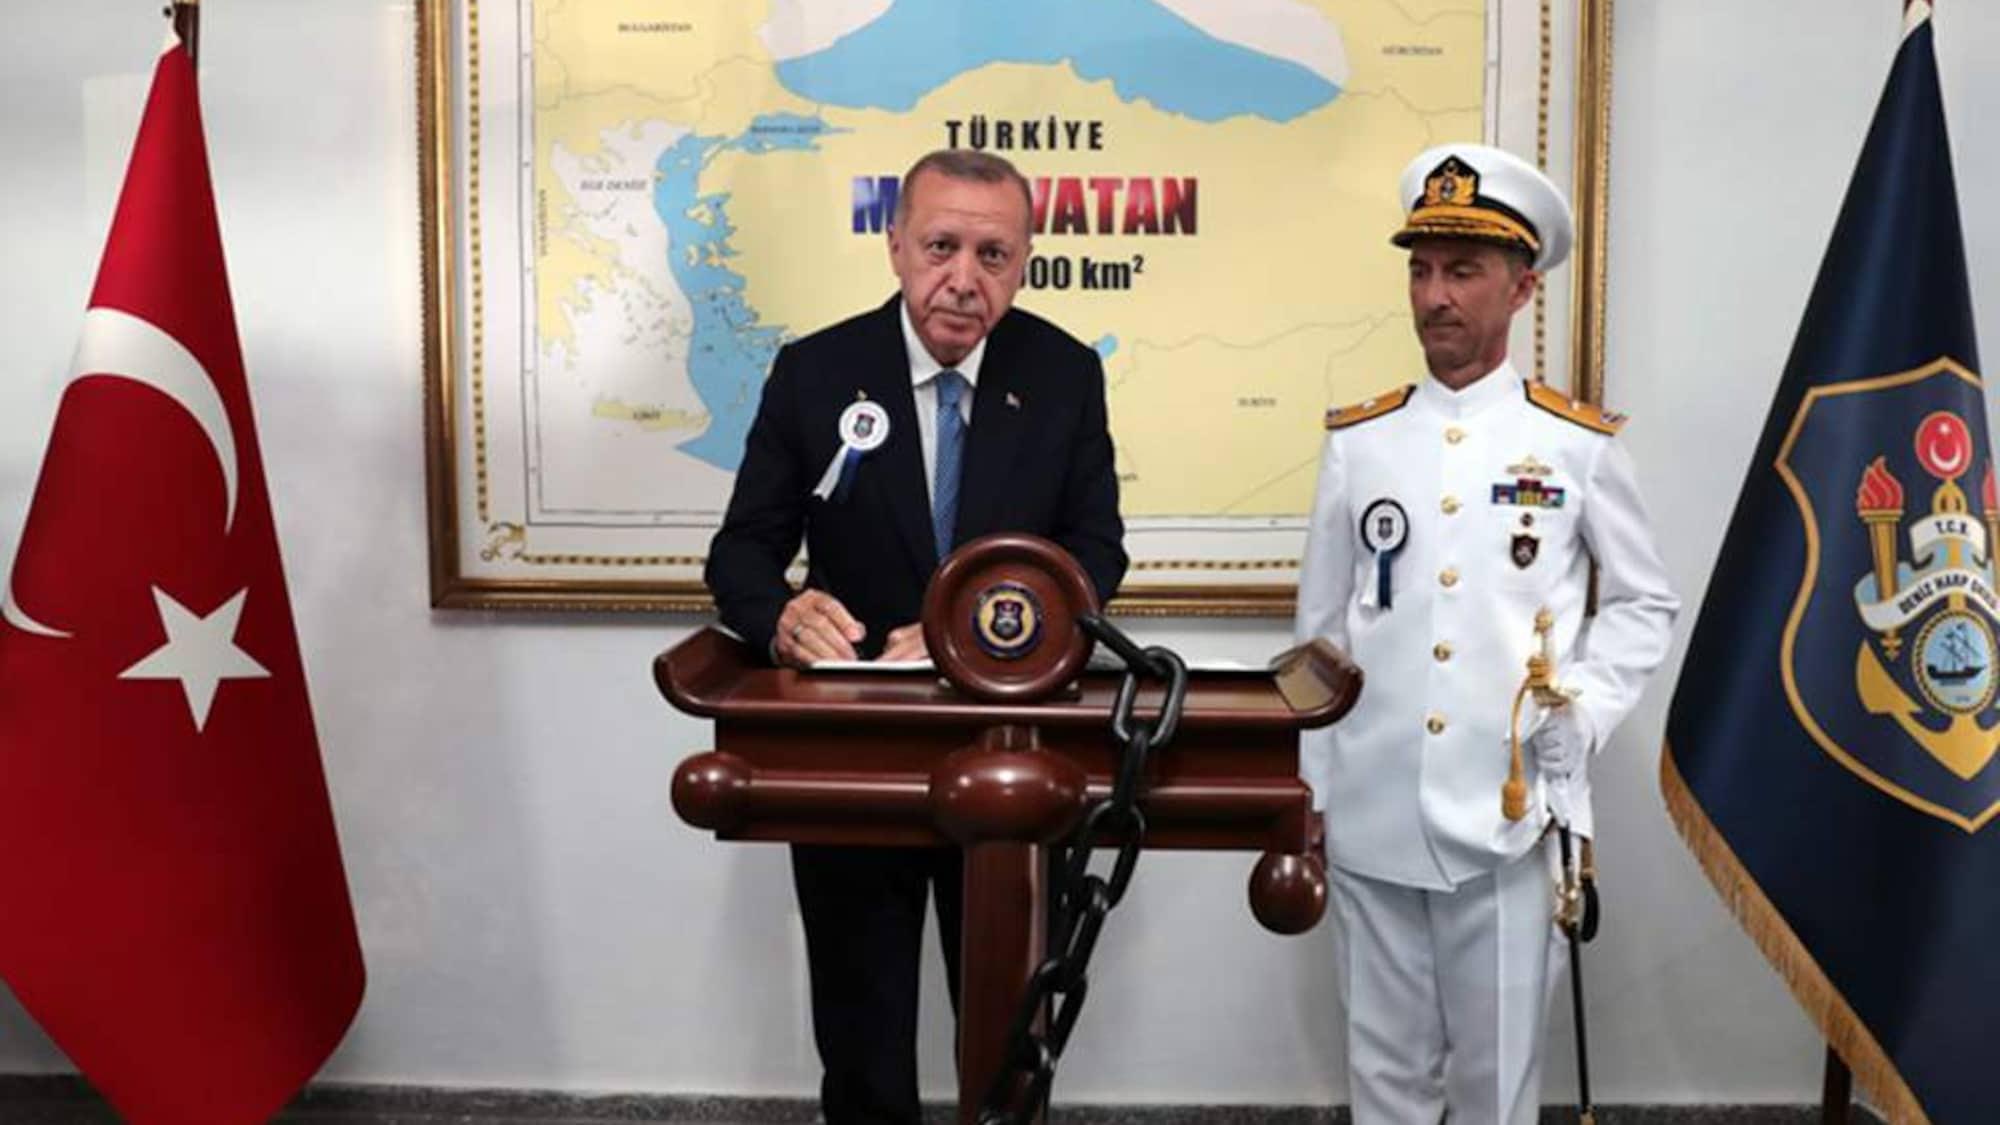 Er will die Türkei um elfmal die Schweiz vergrössern: Erdogan im Grössenwahn